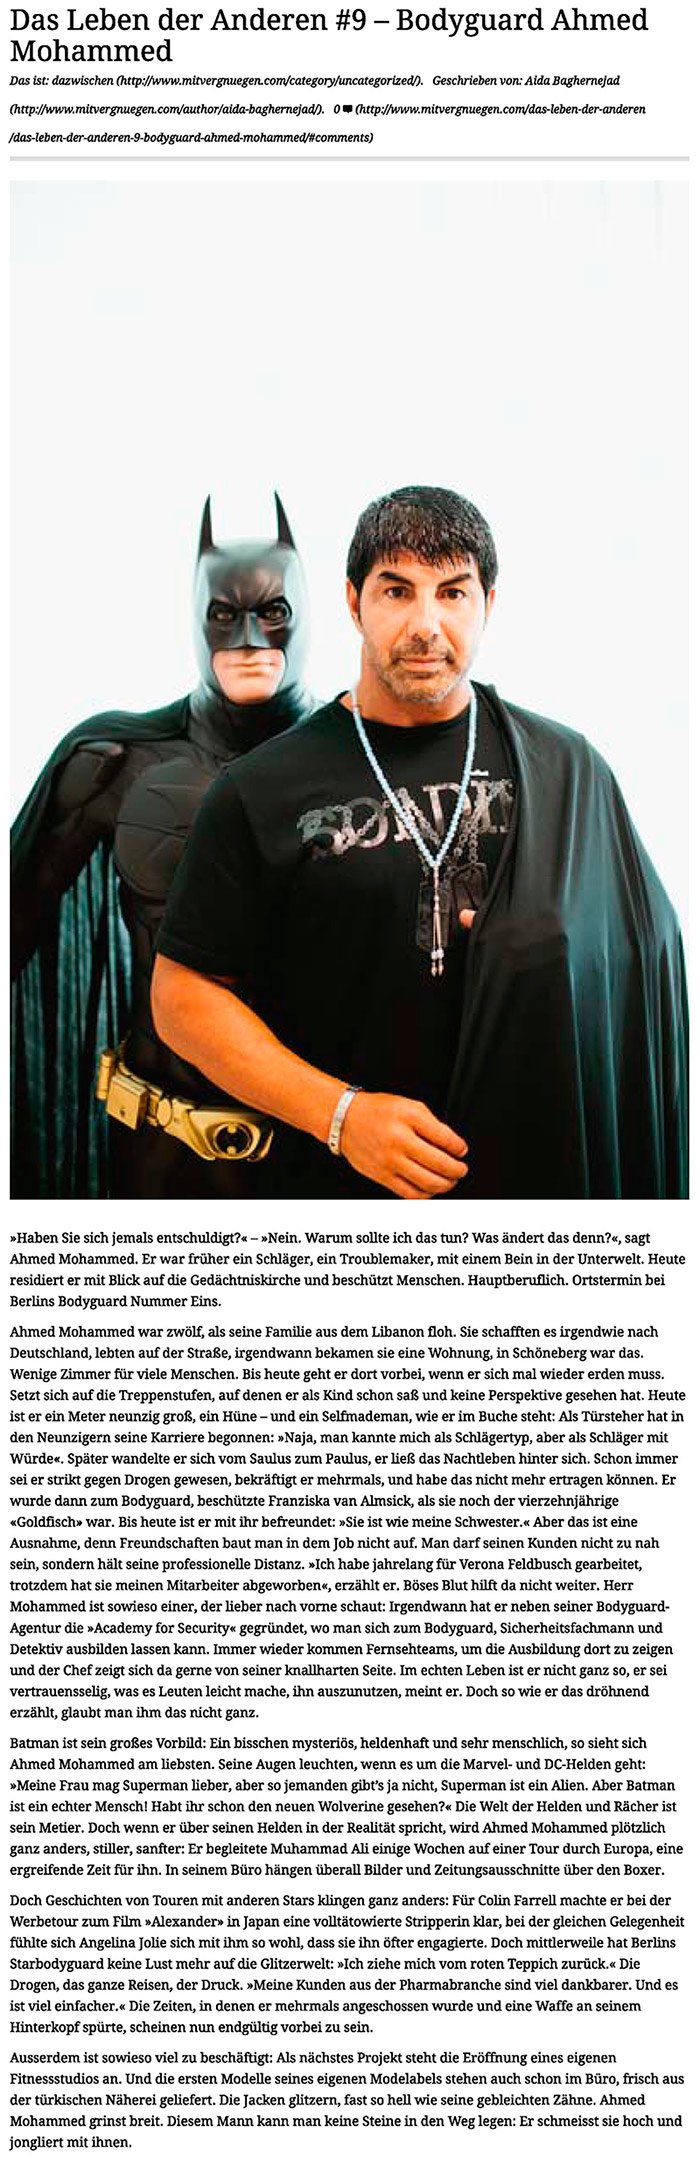 Das-Leben-der-Anderen-#9-–-Bodyguard-Ahmed-Mohammed-_-Mit-Vergnuegen_Seite_1